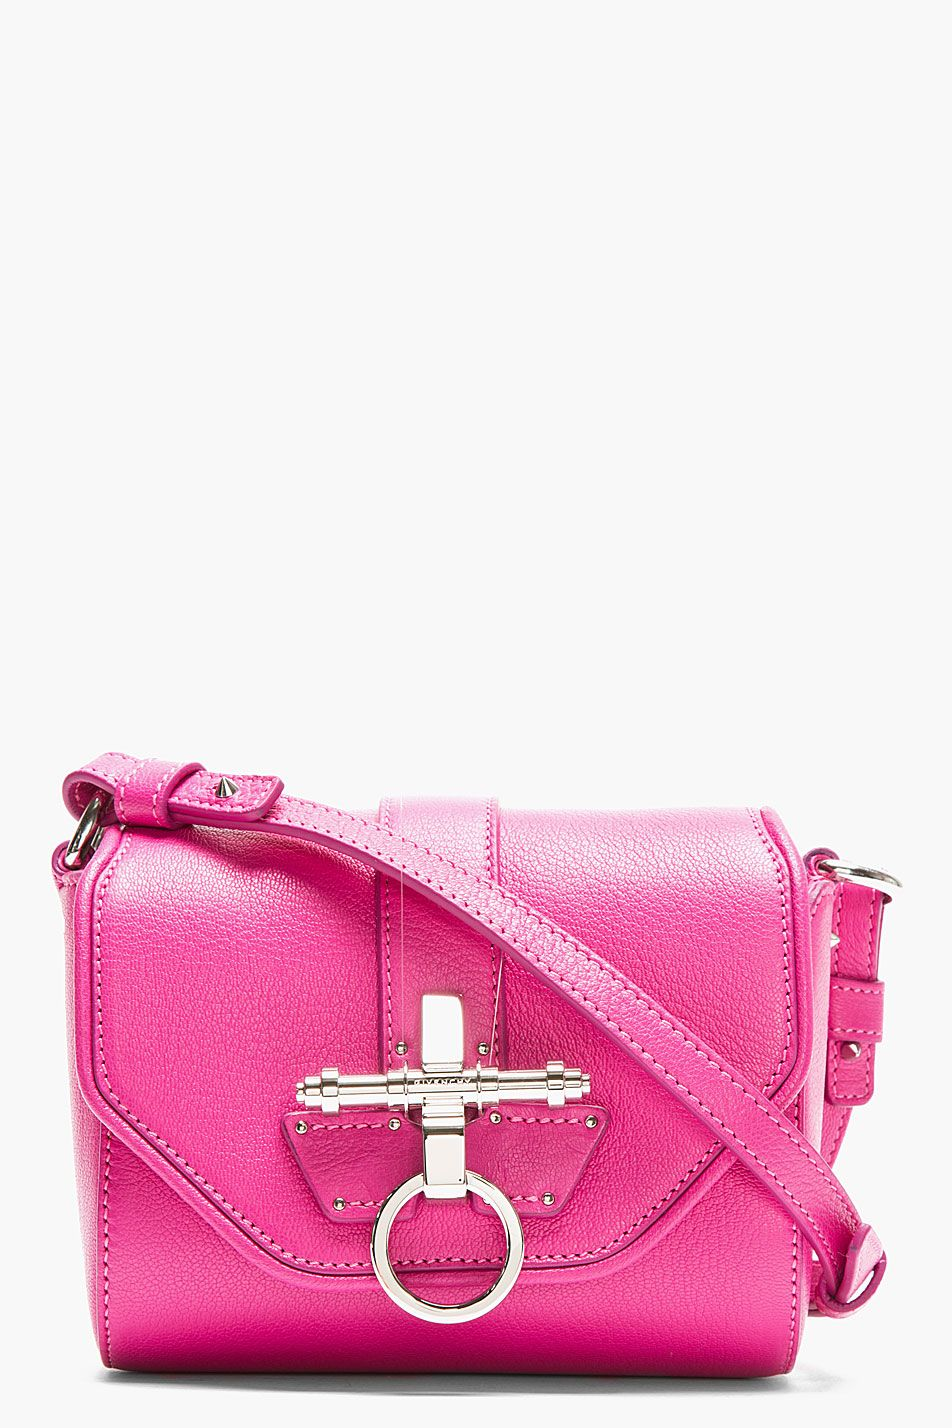 c9d6b5f5e5 Givenchy Pink Leather Obsedia Shoulder Bag